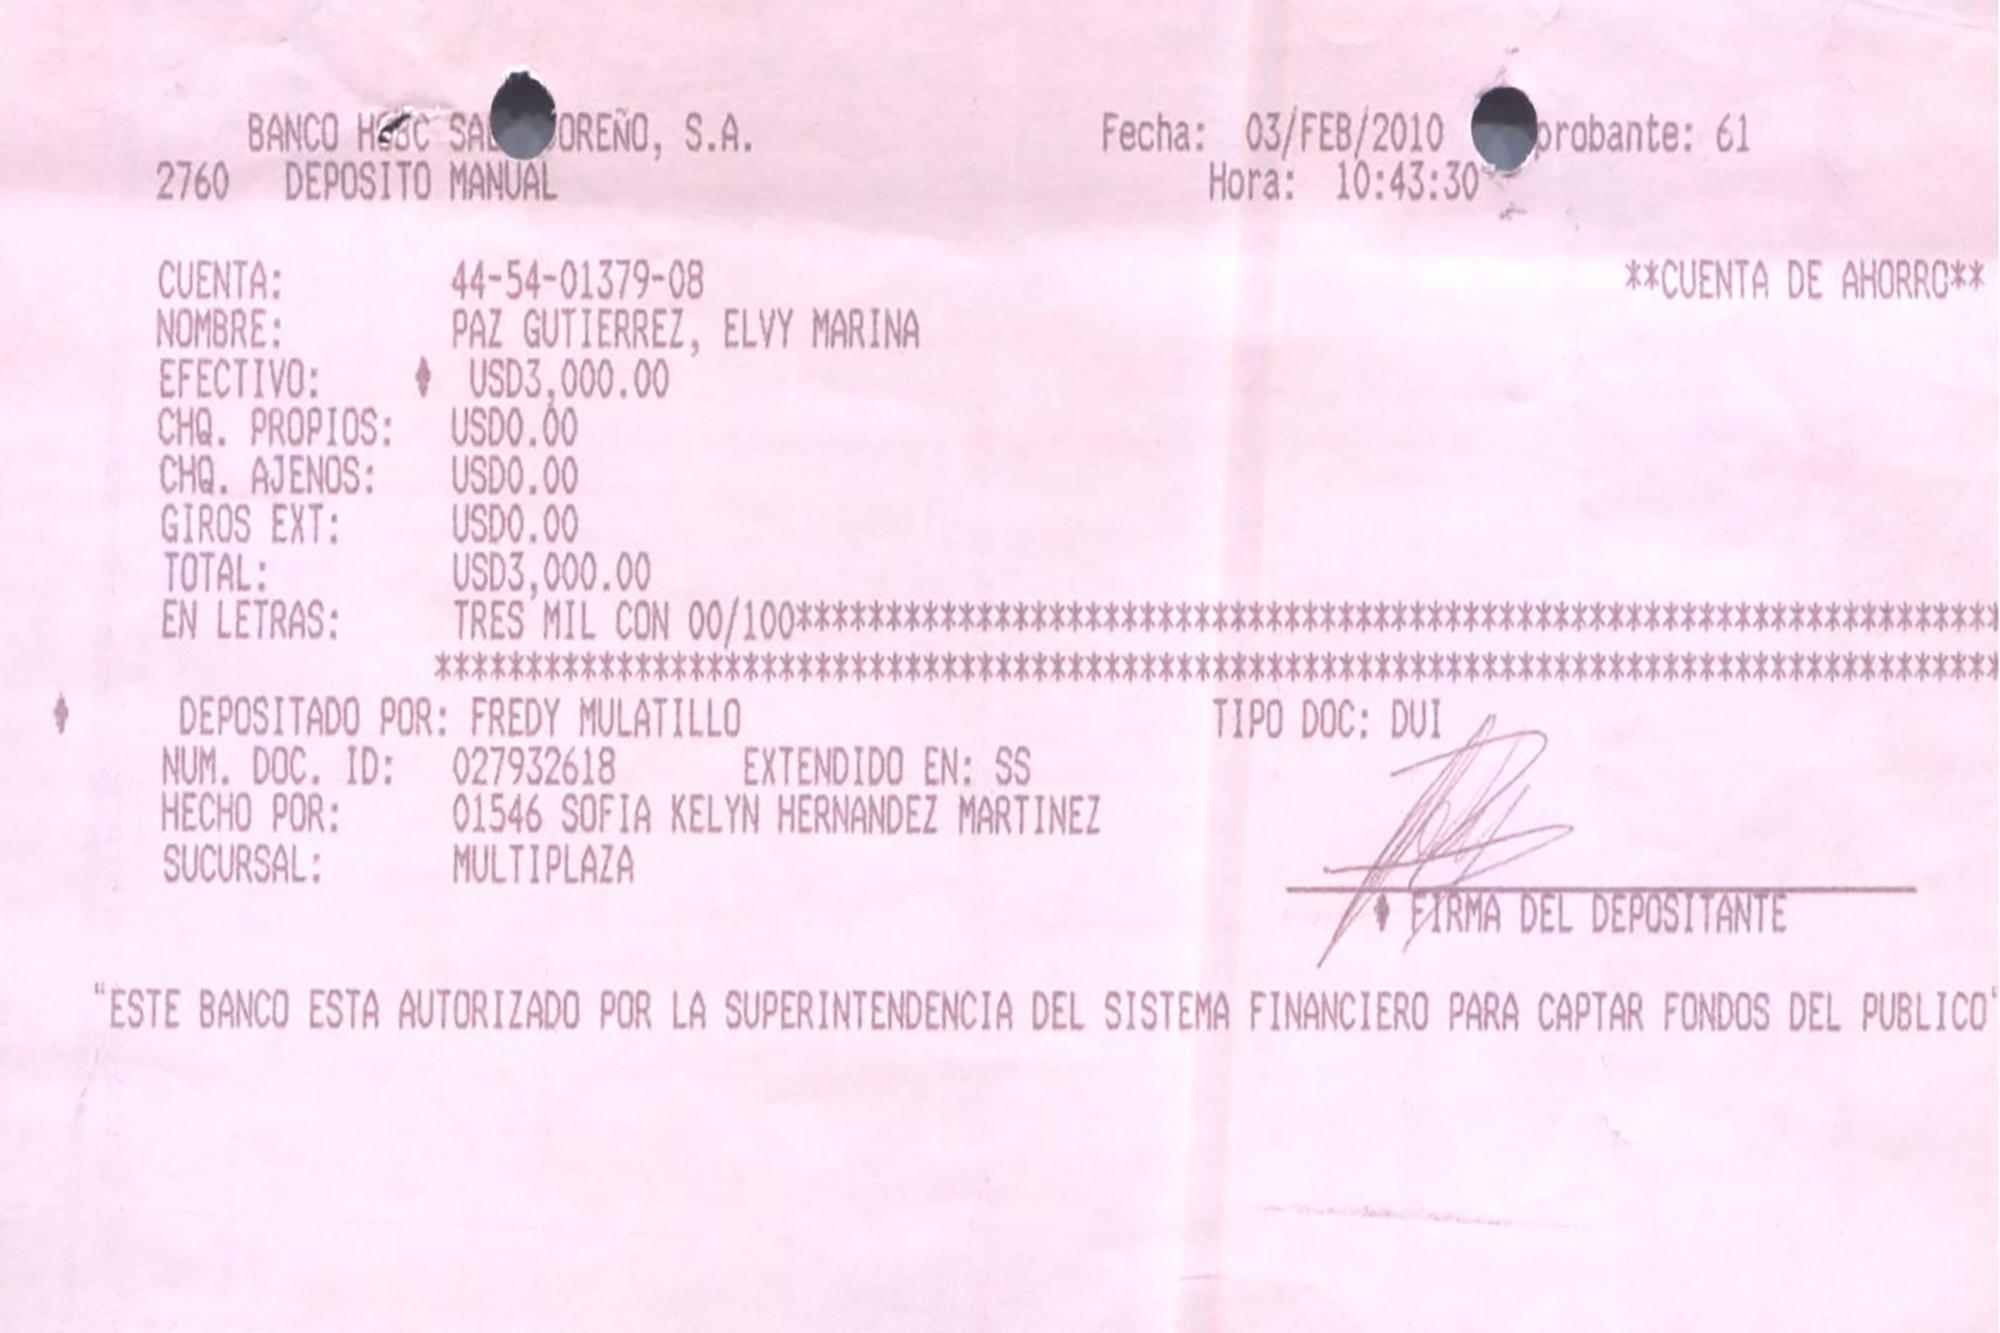 El 3 de febrero de 2010, Fredy Mulatillo, empleado de Casa Presidencial que trabajaba como motorista de la Secretaría Privada, depositó $3,000 en una cuenta del banco HSBC a nombre de Elvy Paz, entonces amante del expresidente Funes, a quien conoció en Canal 12 cuando laboraban ahí. El depósito corresponde al pago de una cuota de manutención de una hija del expresidente con Elvy Paz. Paz y Funes son prófugos de la justicia. Actualmente, Funes tiene como pareja a Ada Michelle Guzmán, también prófuga, y con quien vive asilado en Nicaragua.